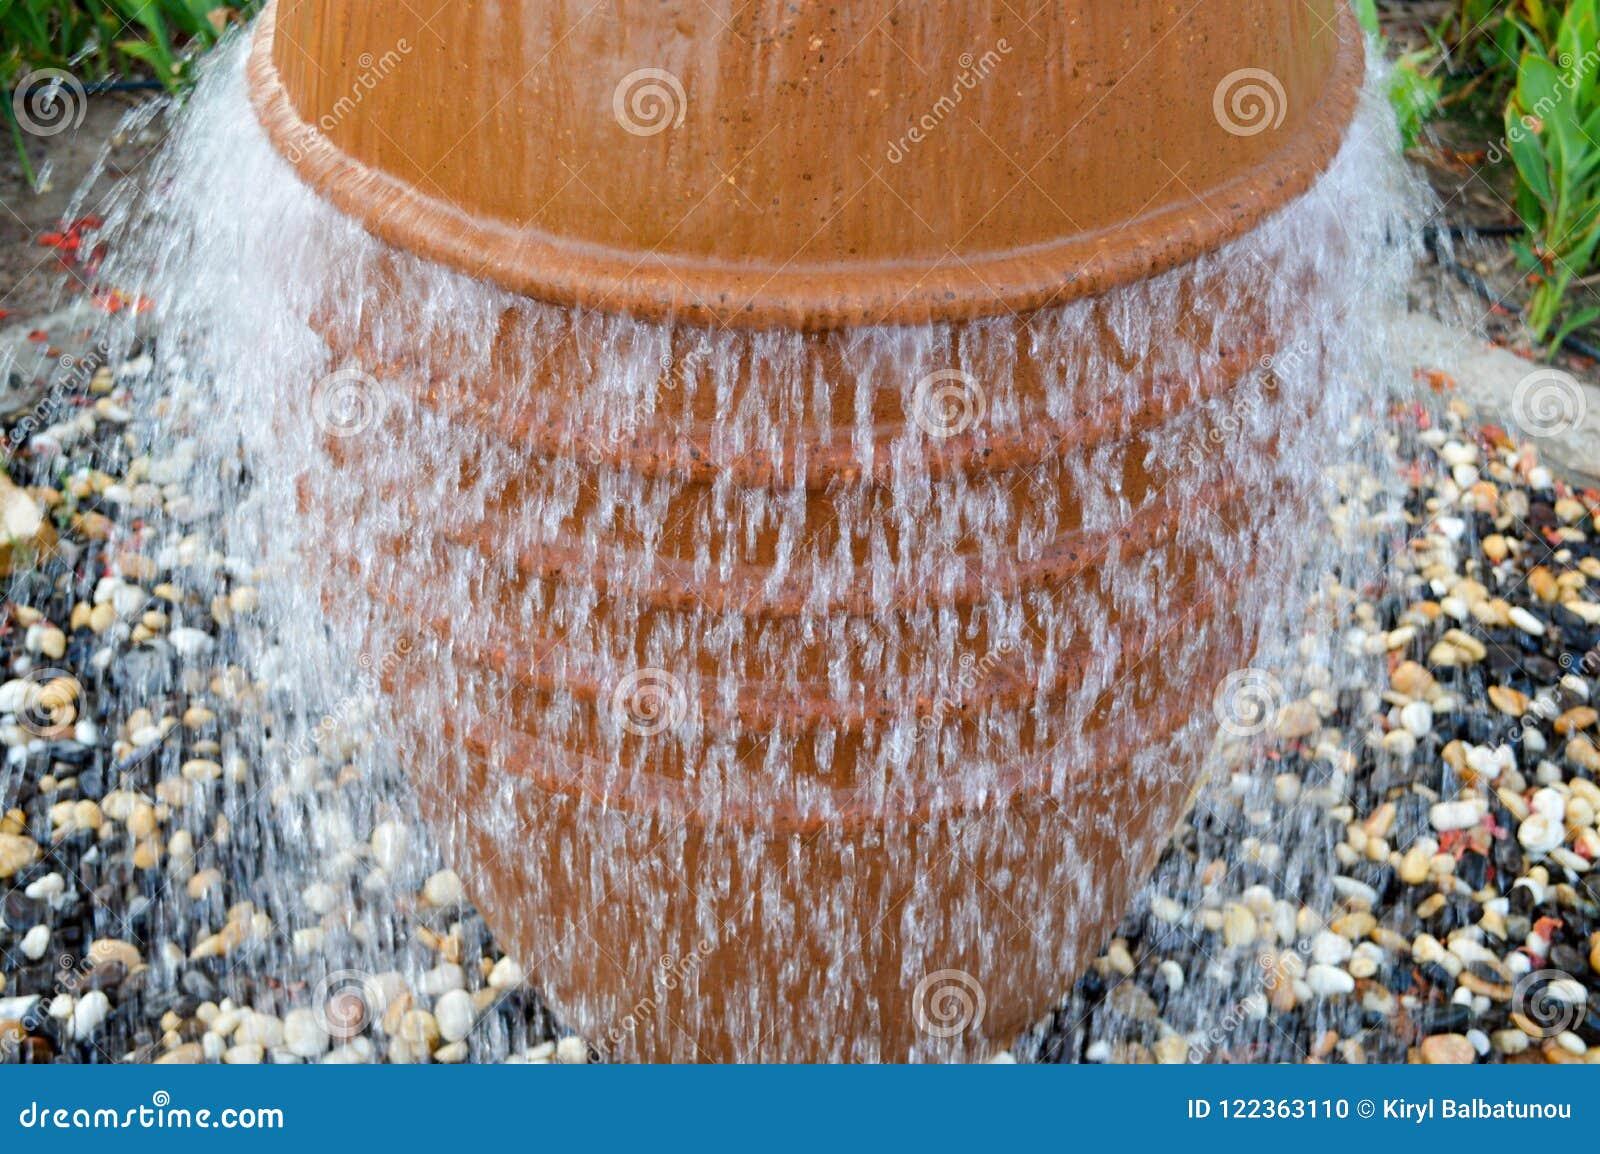 Uma fonte pequena bonita sob a forma de um vaso marrom, um jarro com gotas de queda da água em estar colorido das pedras